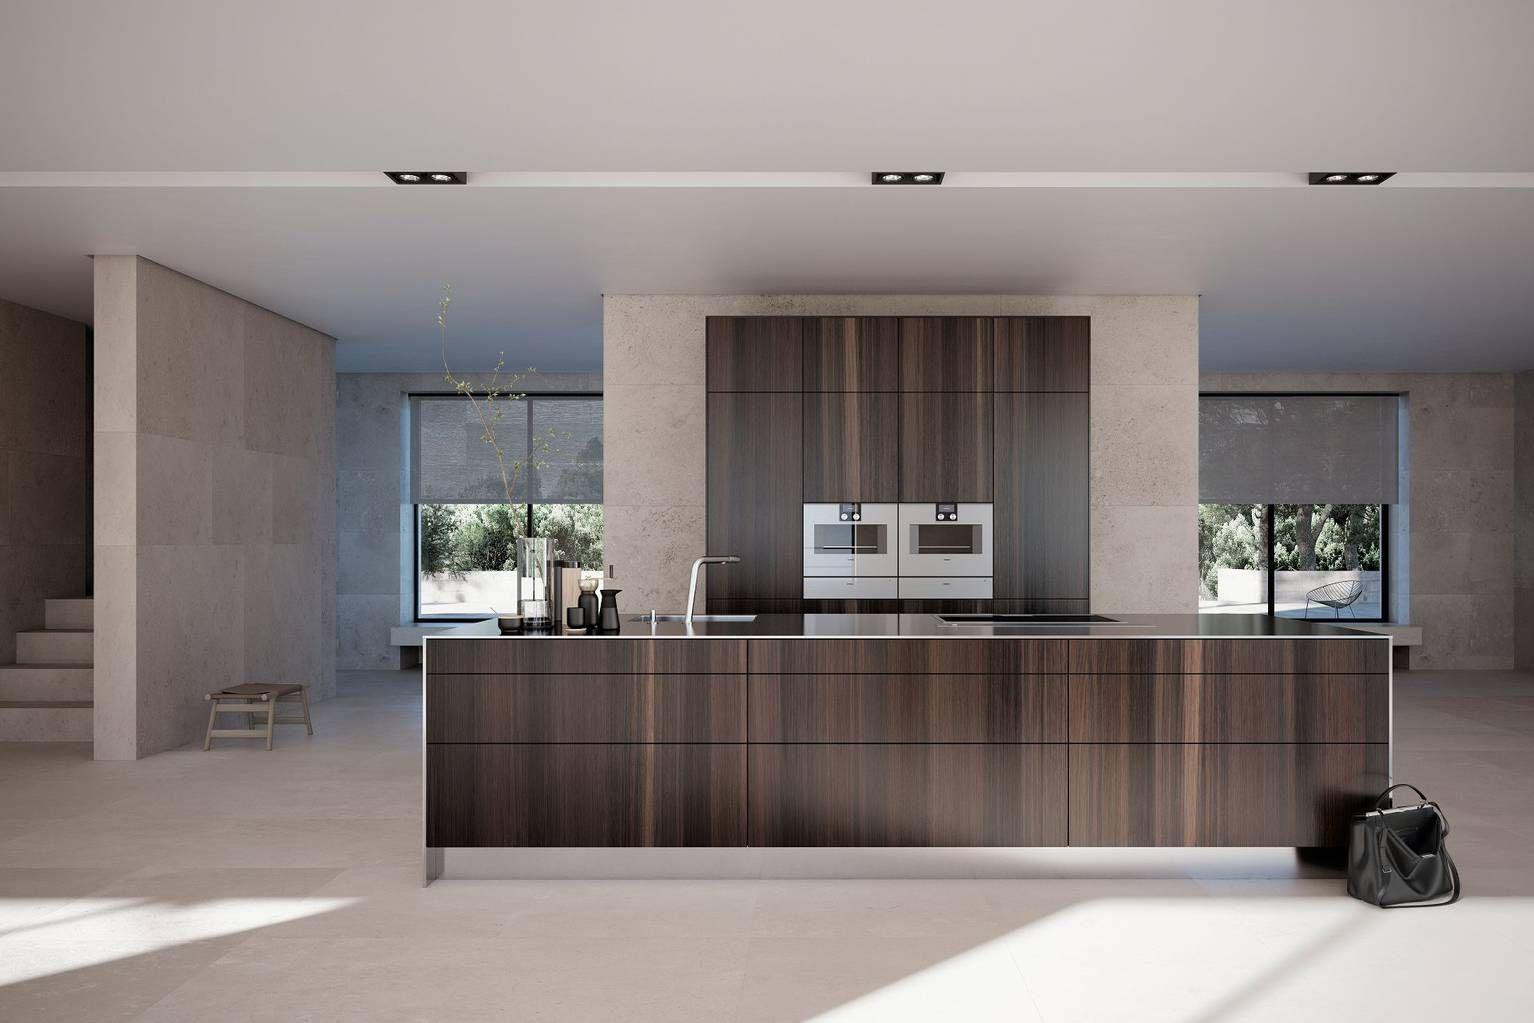 Ziemlich Frei Stehende Kücheninsel Mit Sitz Zeitgenössisch - Ideen ...